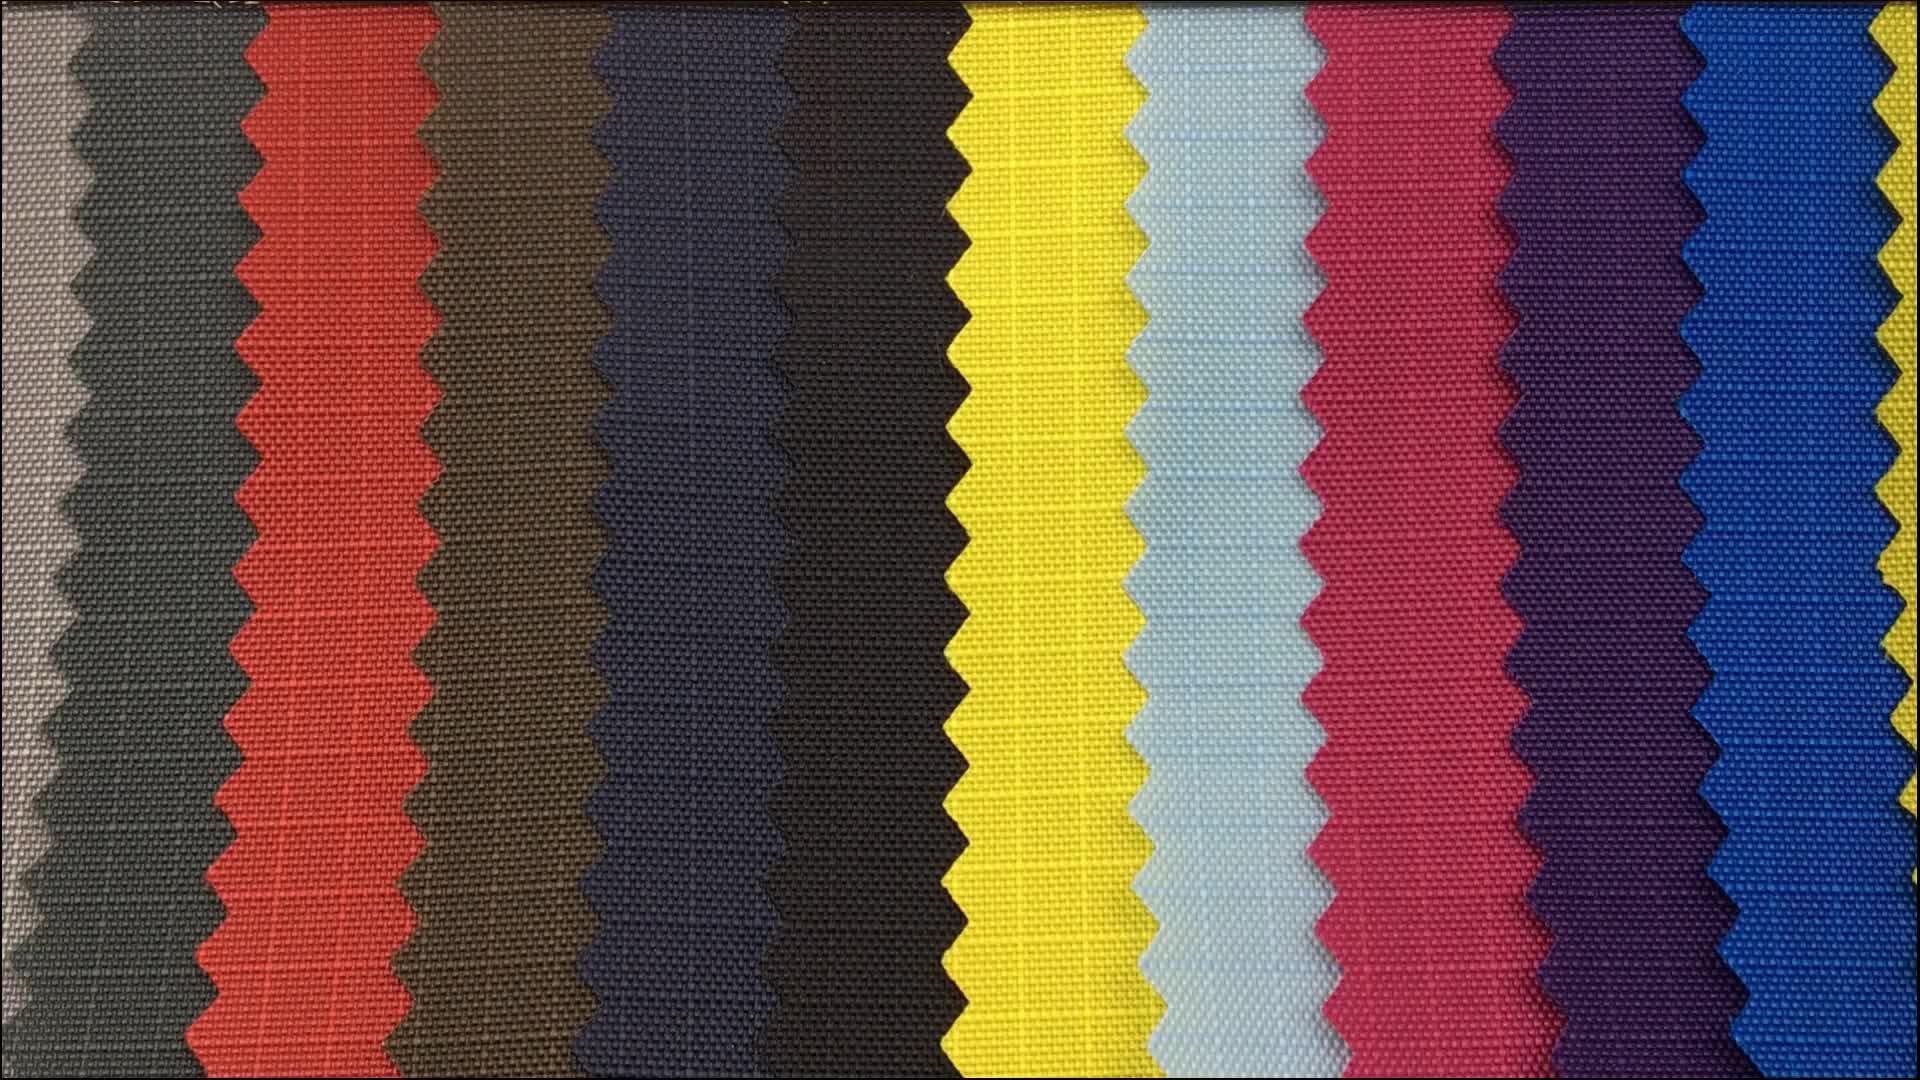 210ครั้ง210dไนลอนripstop/ผ้าโพลีเอสเตอร์สำหรับเต็นท์เปลญวนถุงลมนิรภัยถุงนอนถุงถั่วผ้า